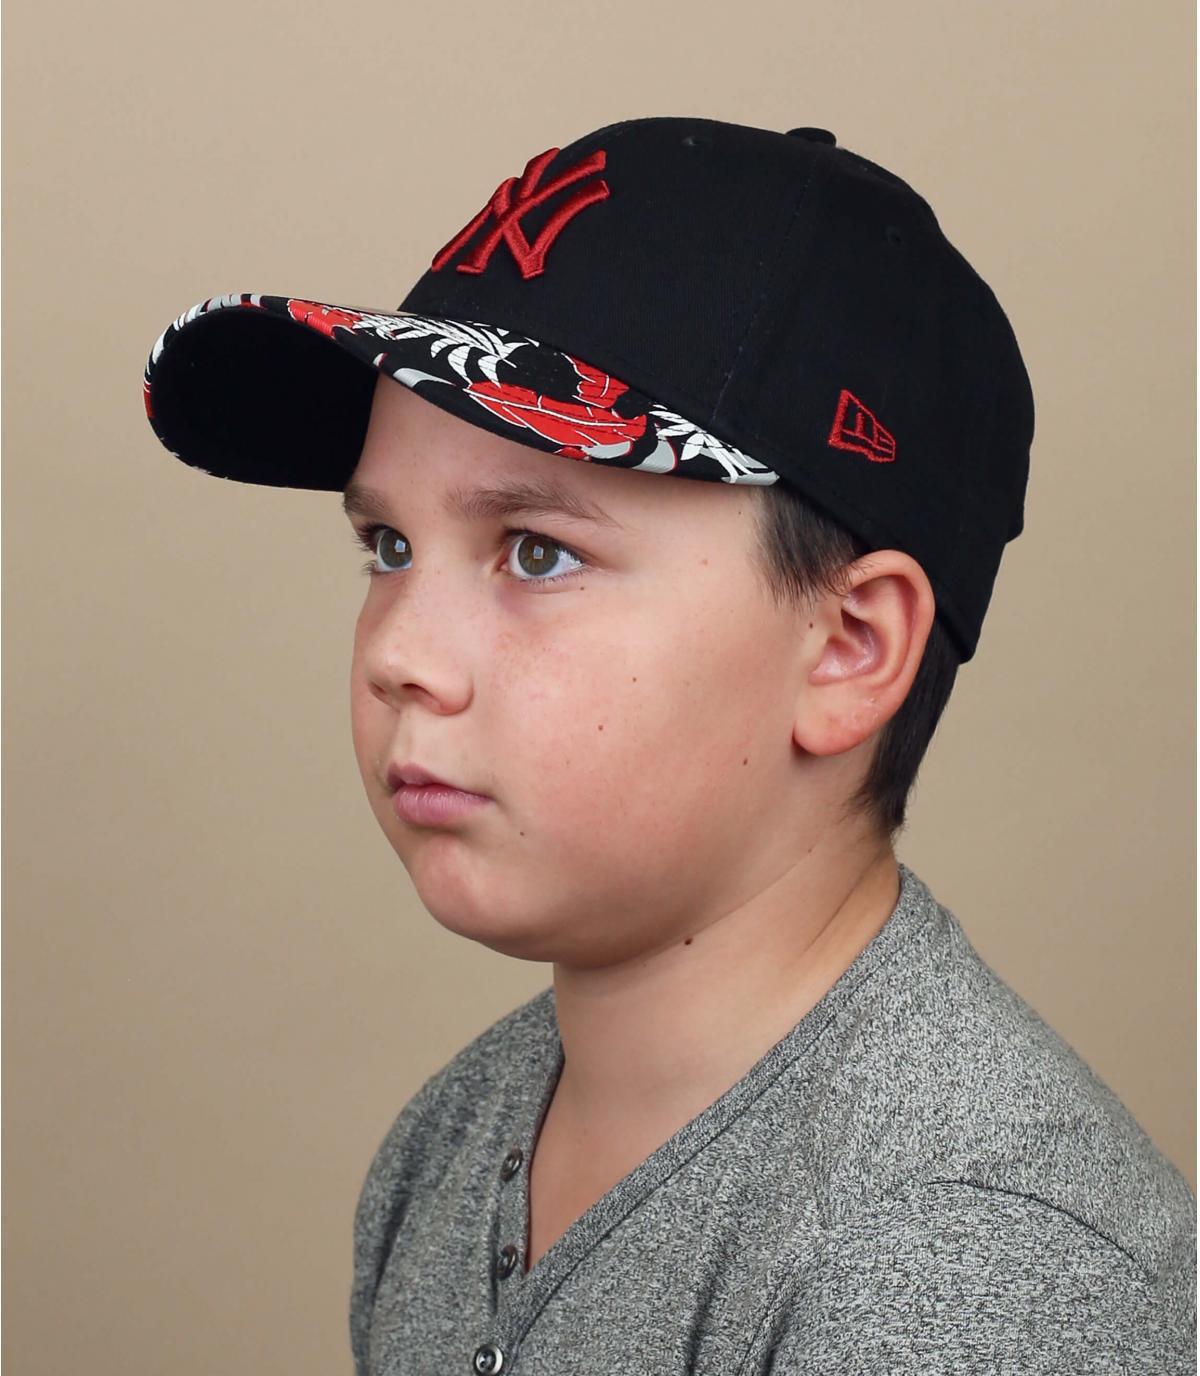 cappellino NY bambino fantasia